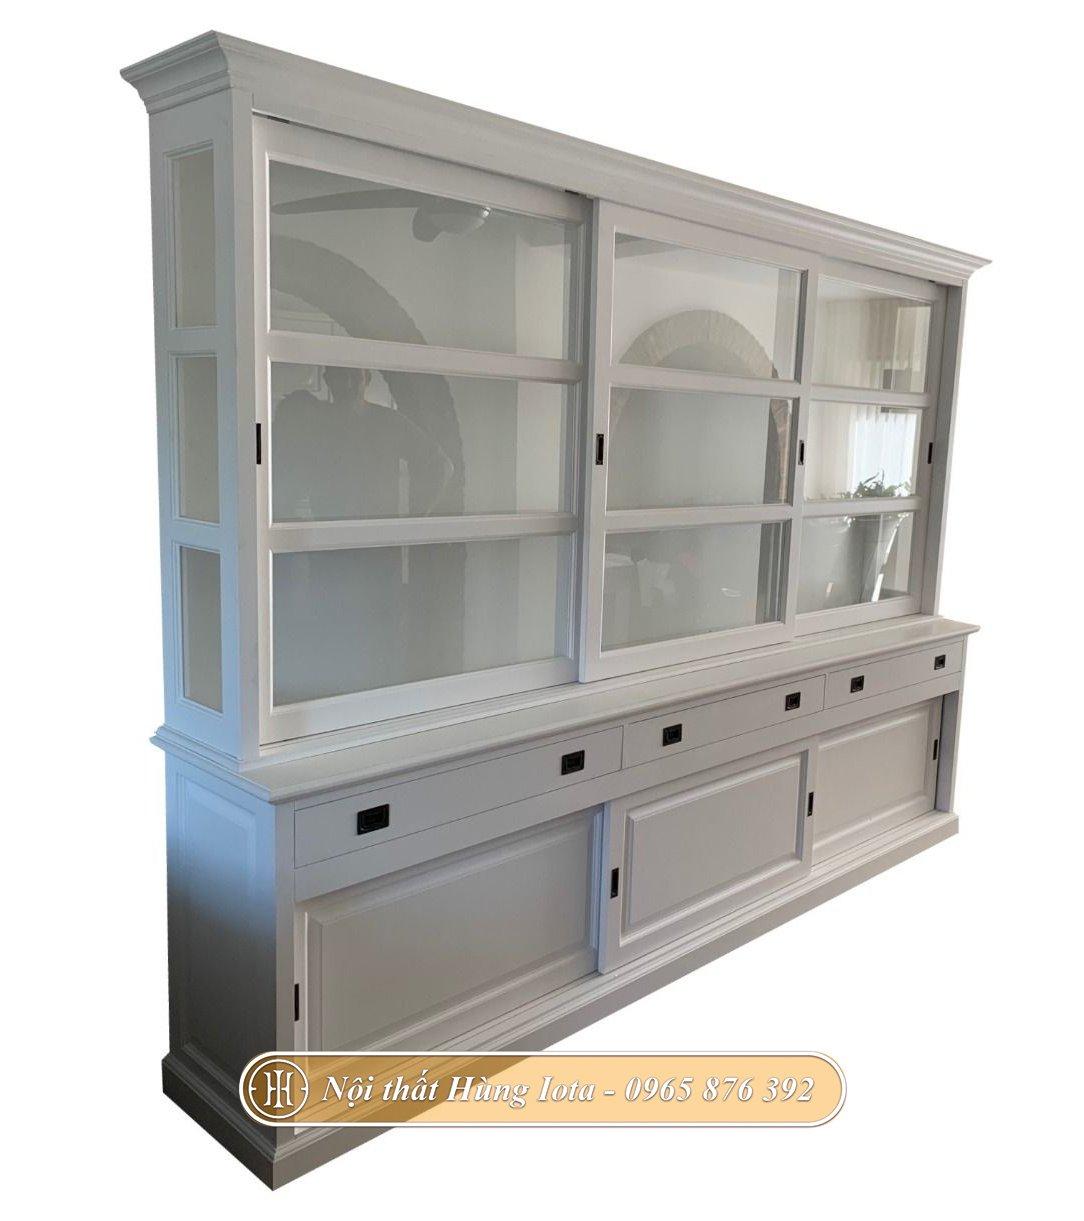 Tủ kính màu trắng 3 tầng size lơn có cửa trượt